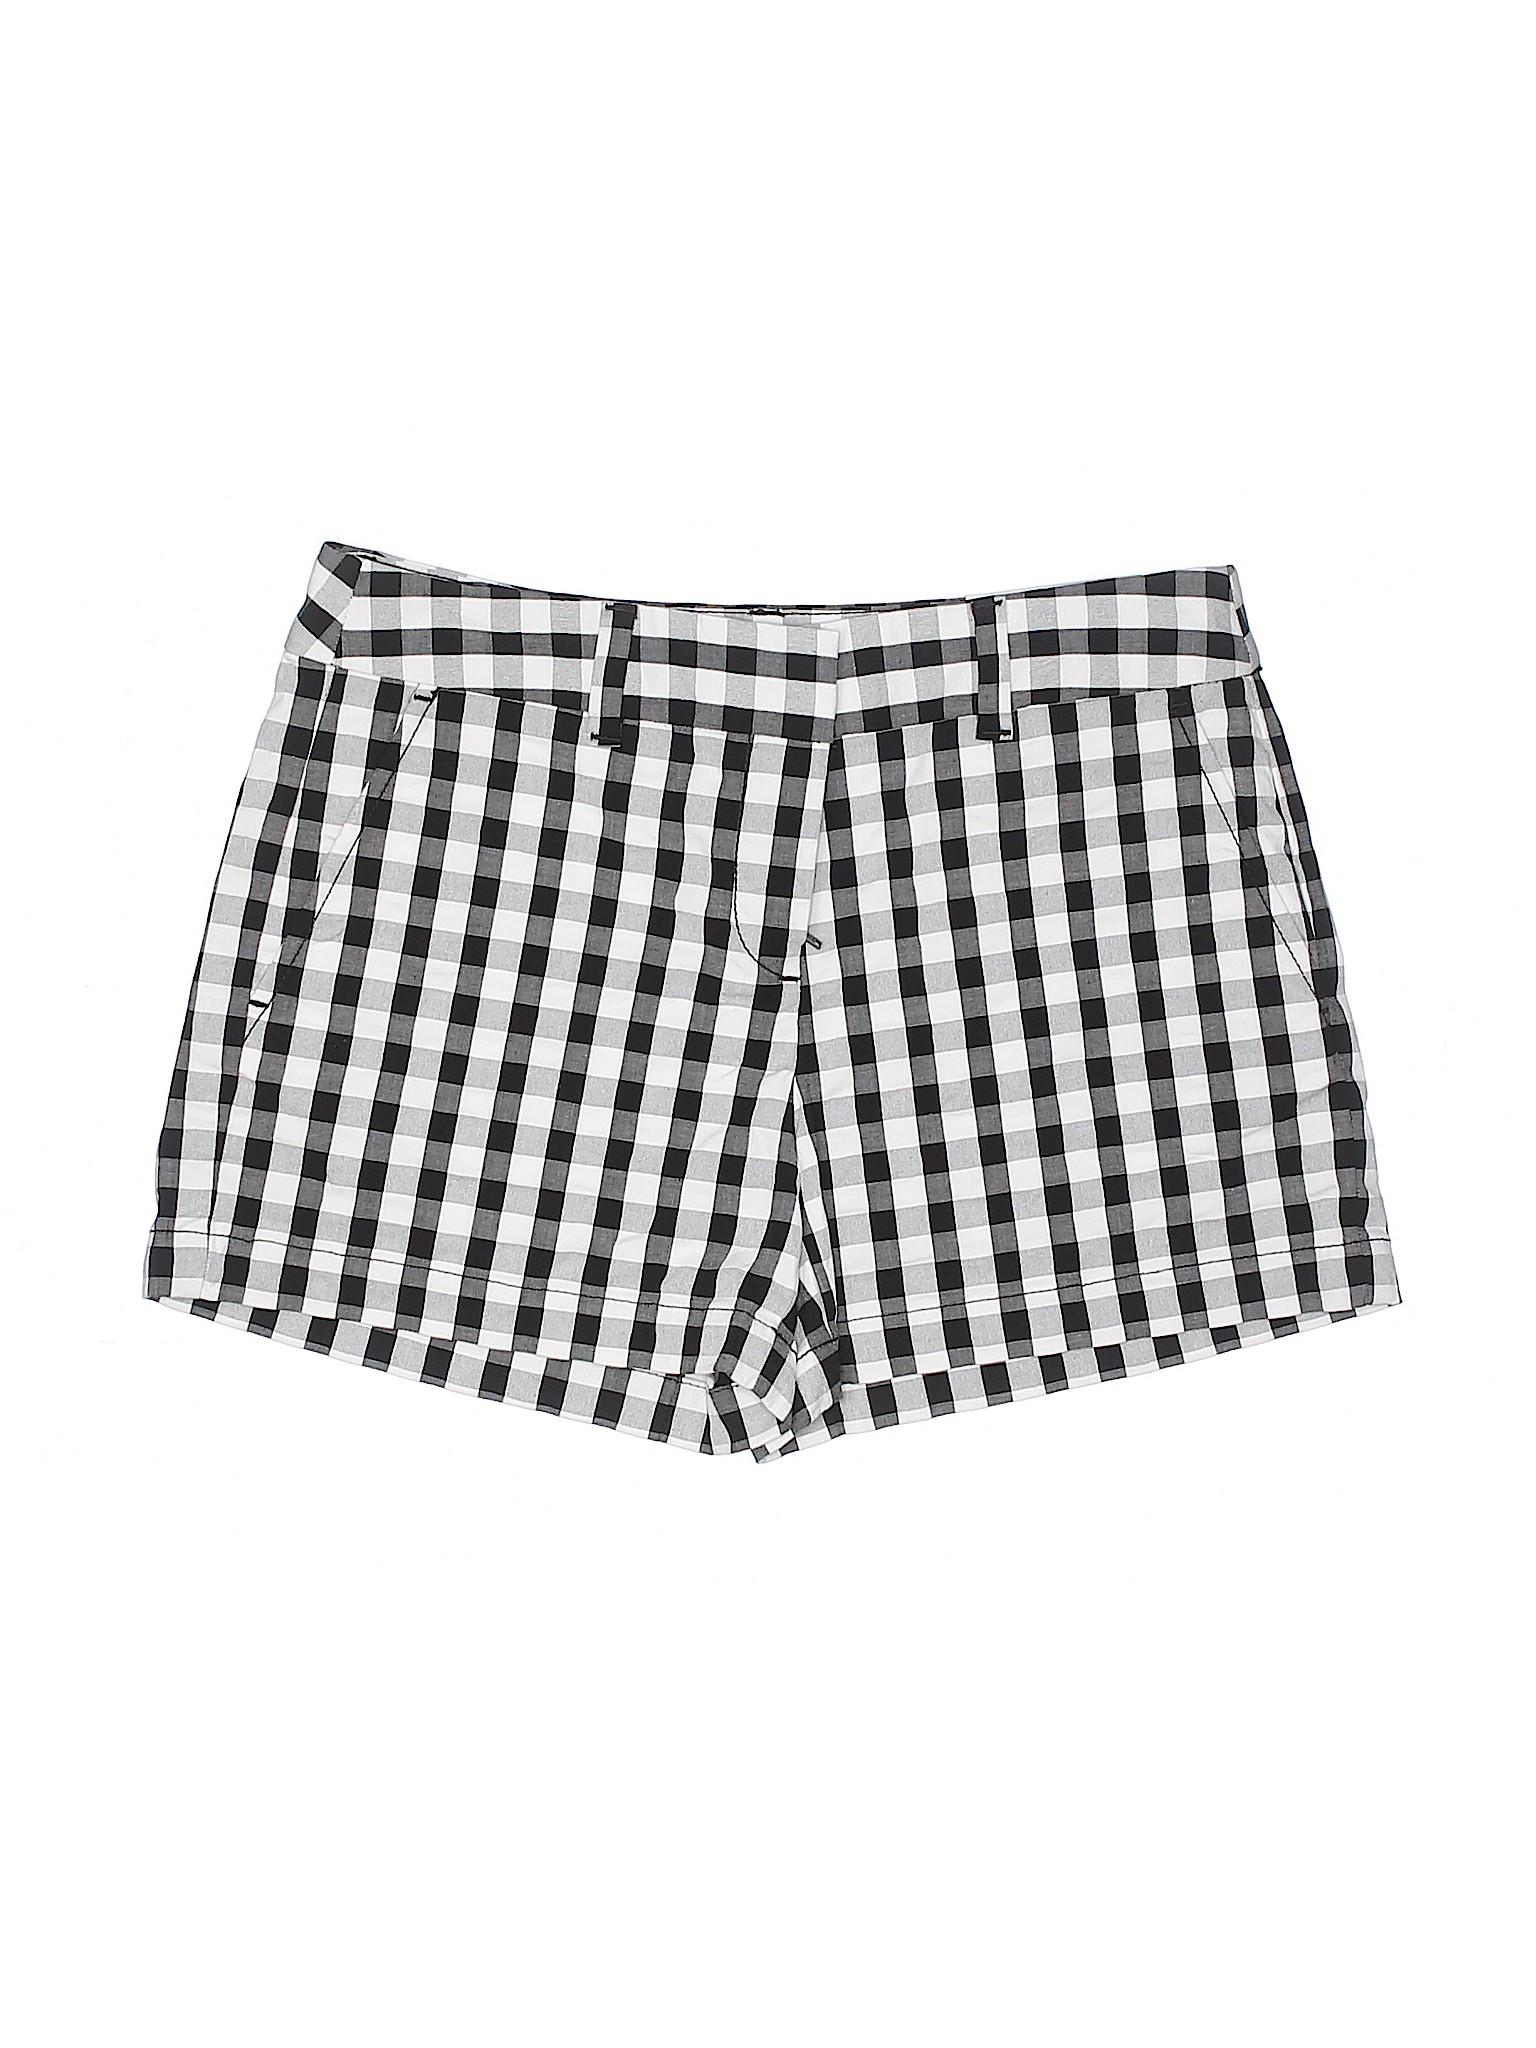 Boutique Shorts Khaki Outlet Taylor LOFT Ann UcRrYzca